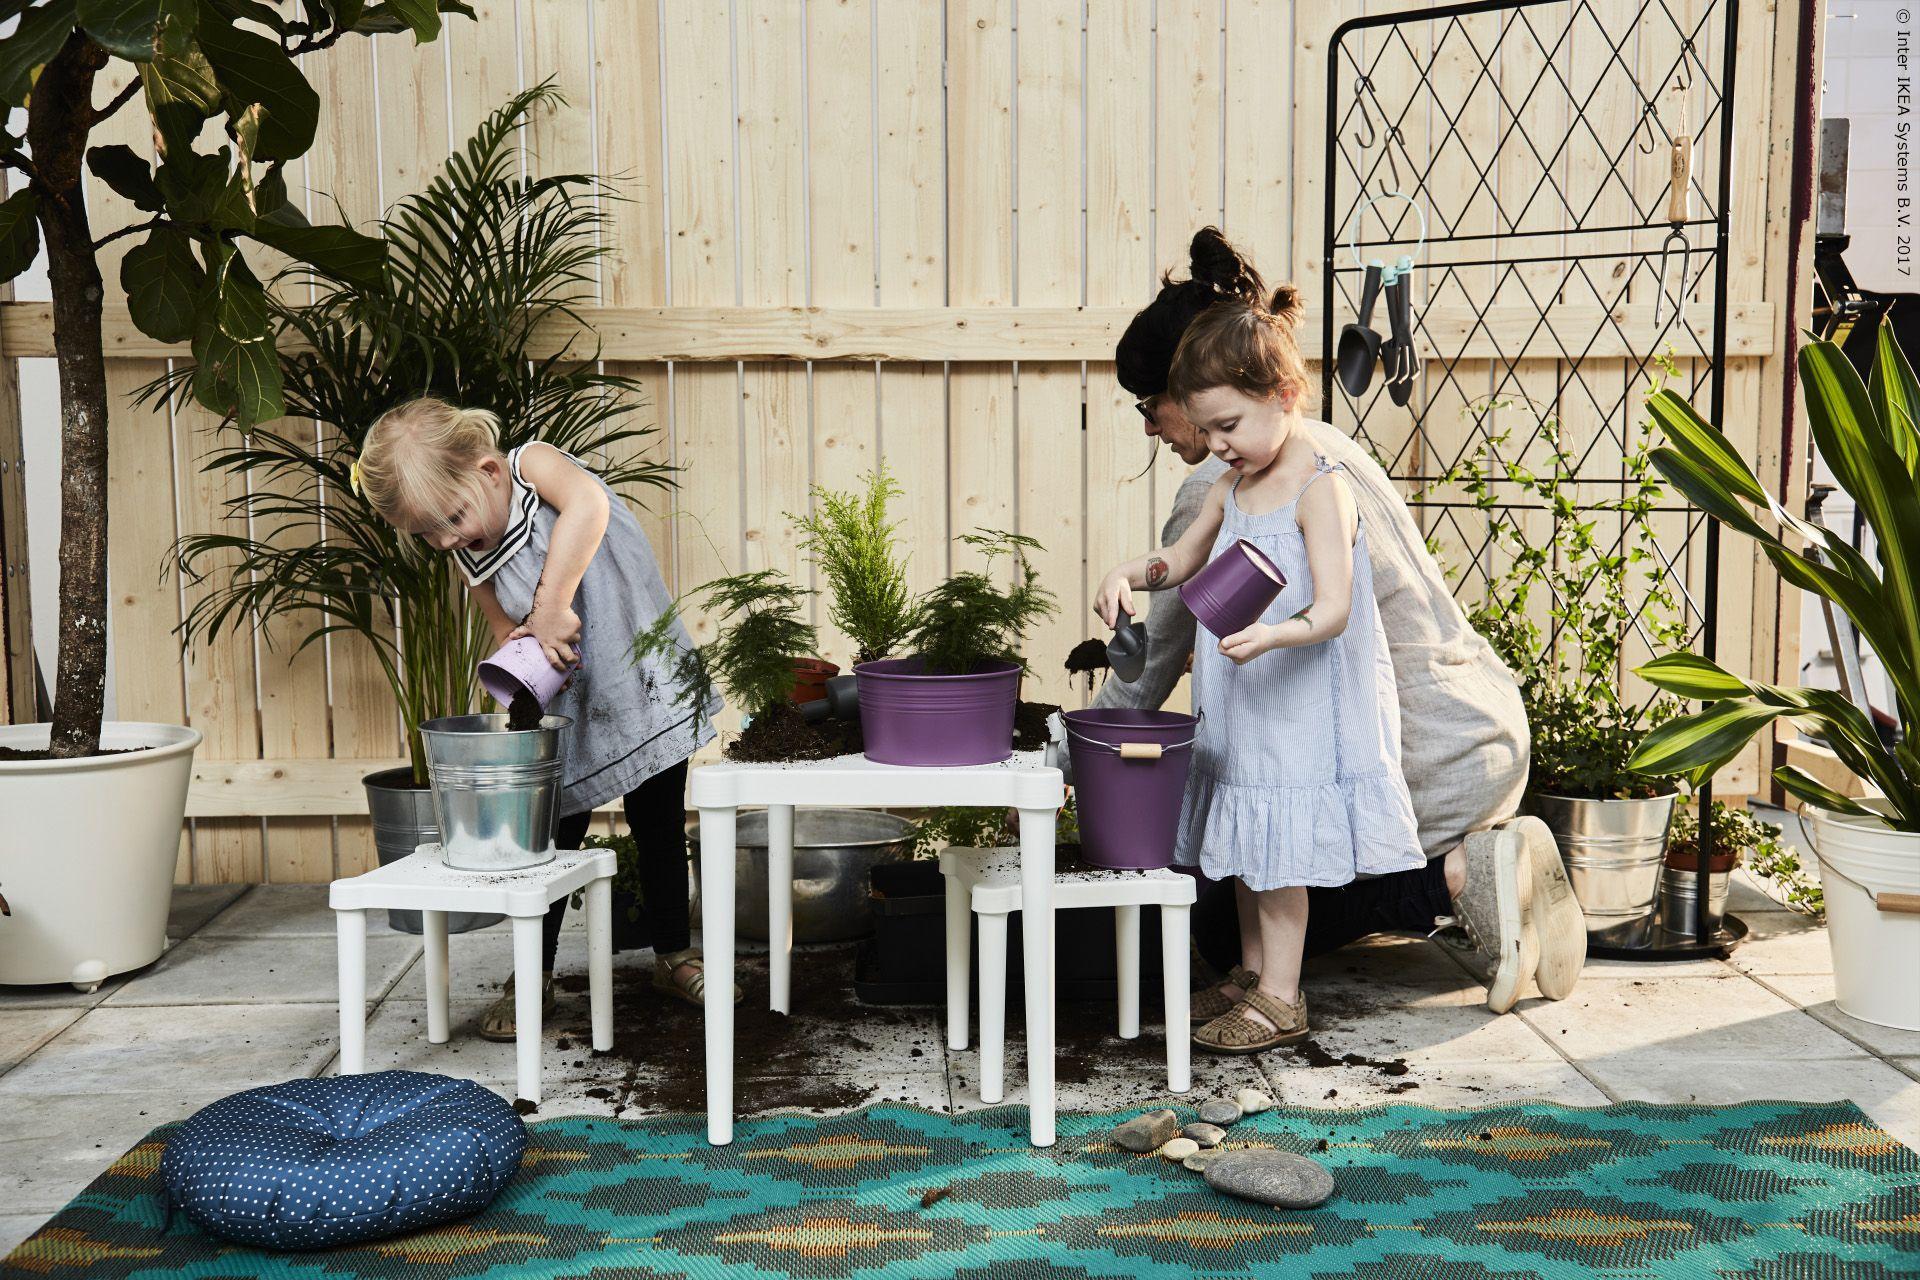 5e395edb5f358774eaaac3d033de9322 Incroyable De Table Balcon Suspendue Ikea Concept